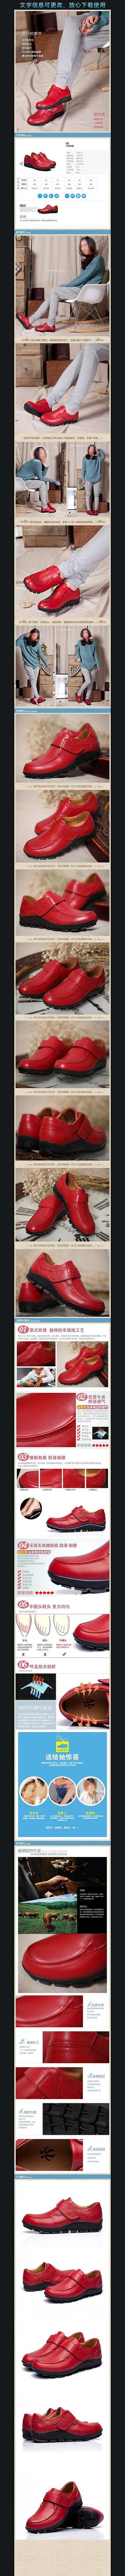 淘宝纯皮女鞋详情页细节展示PSD素材摸板